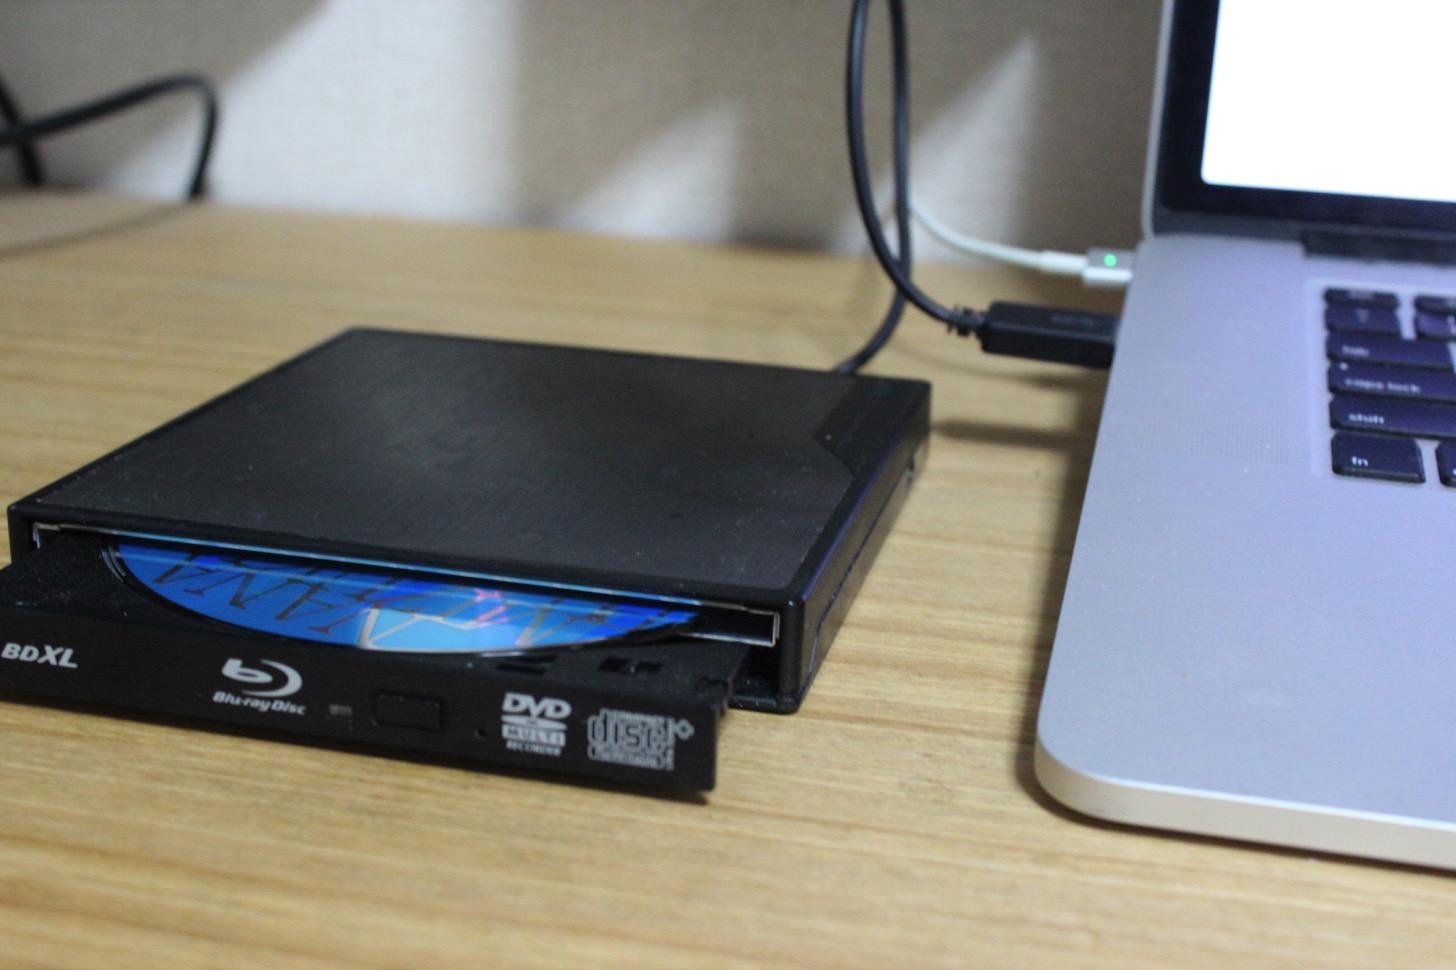 CD/DVDドライブをパソコンに接続